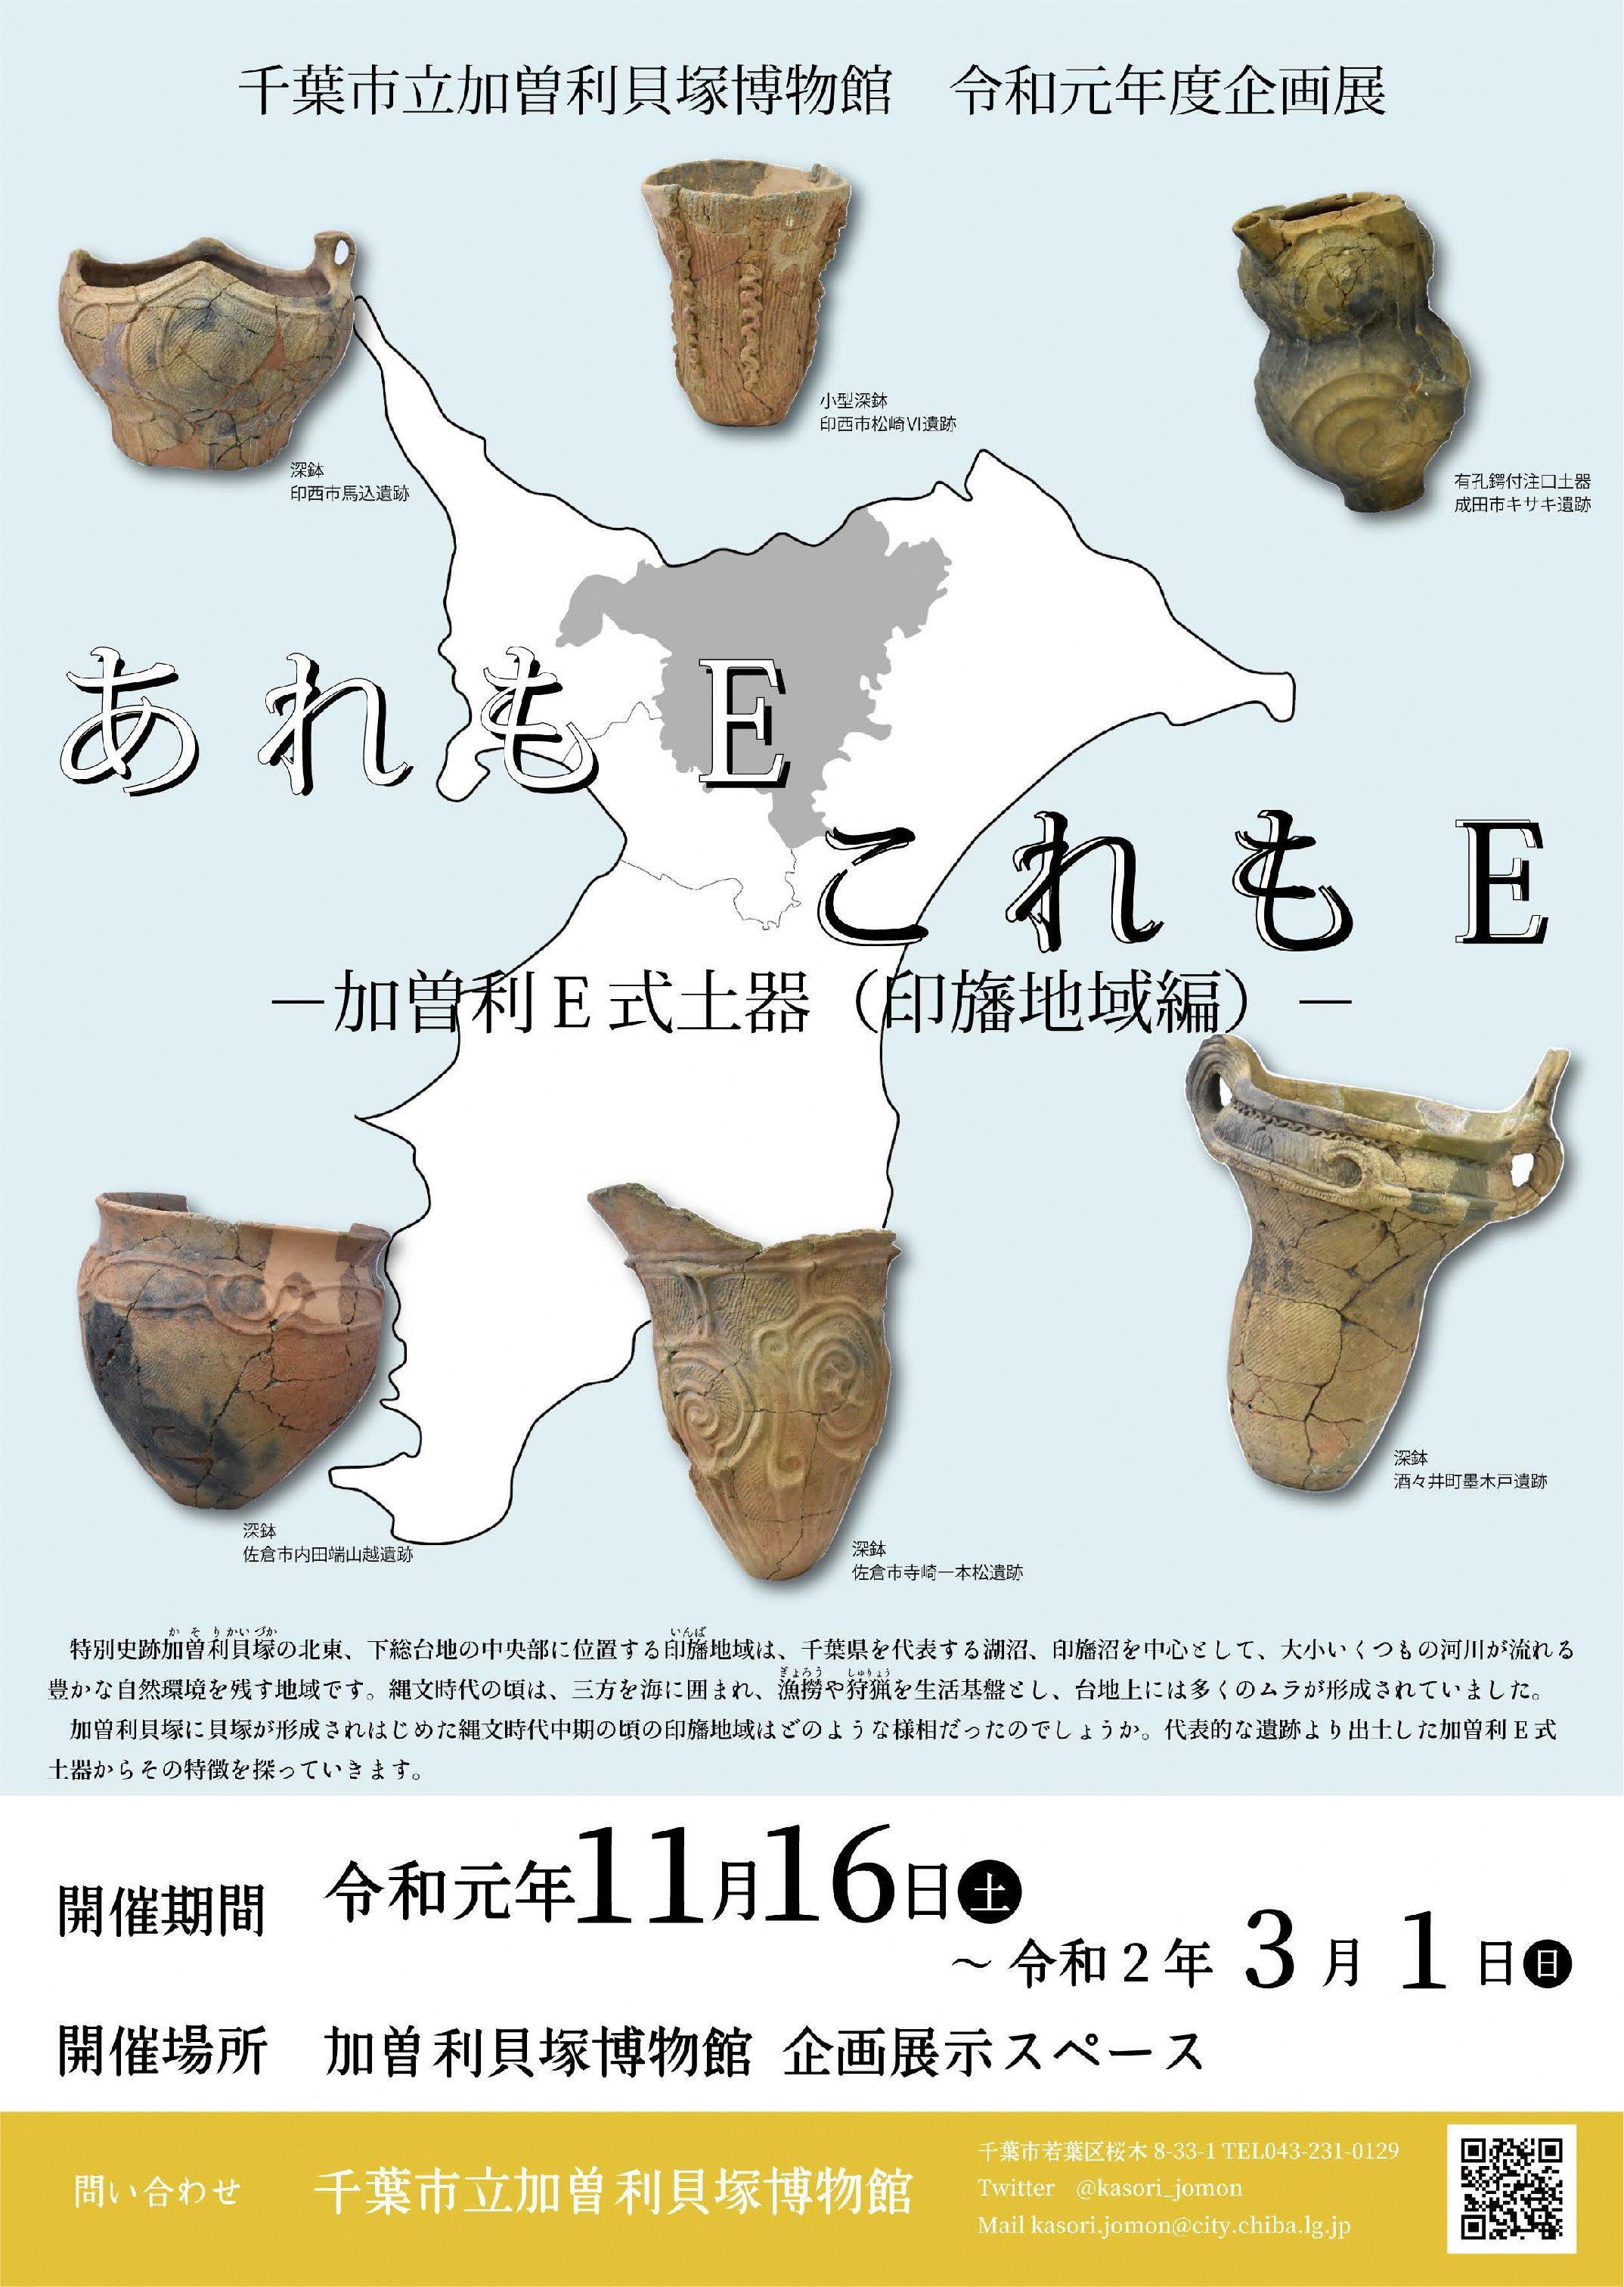 加曽利貝塚博物館で「あれもE これもE -加曽利E式土器(印旛地域編)-」(企画展)を開催!